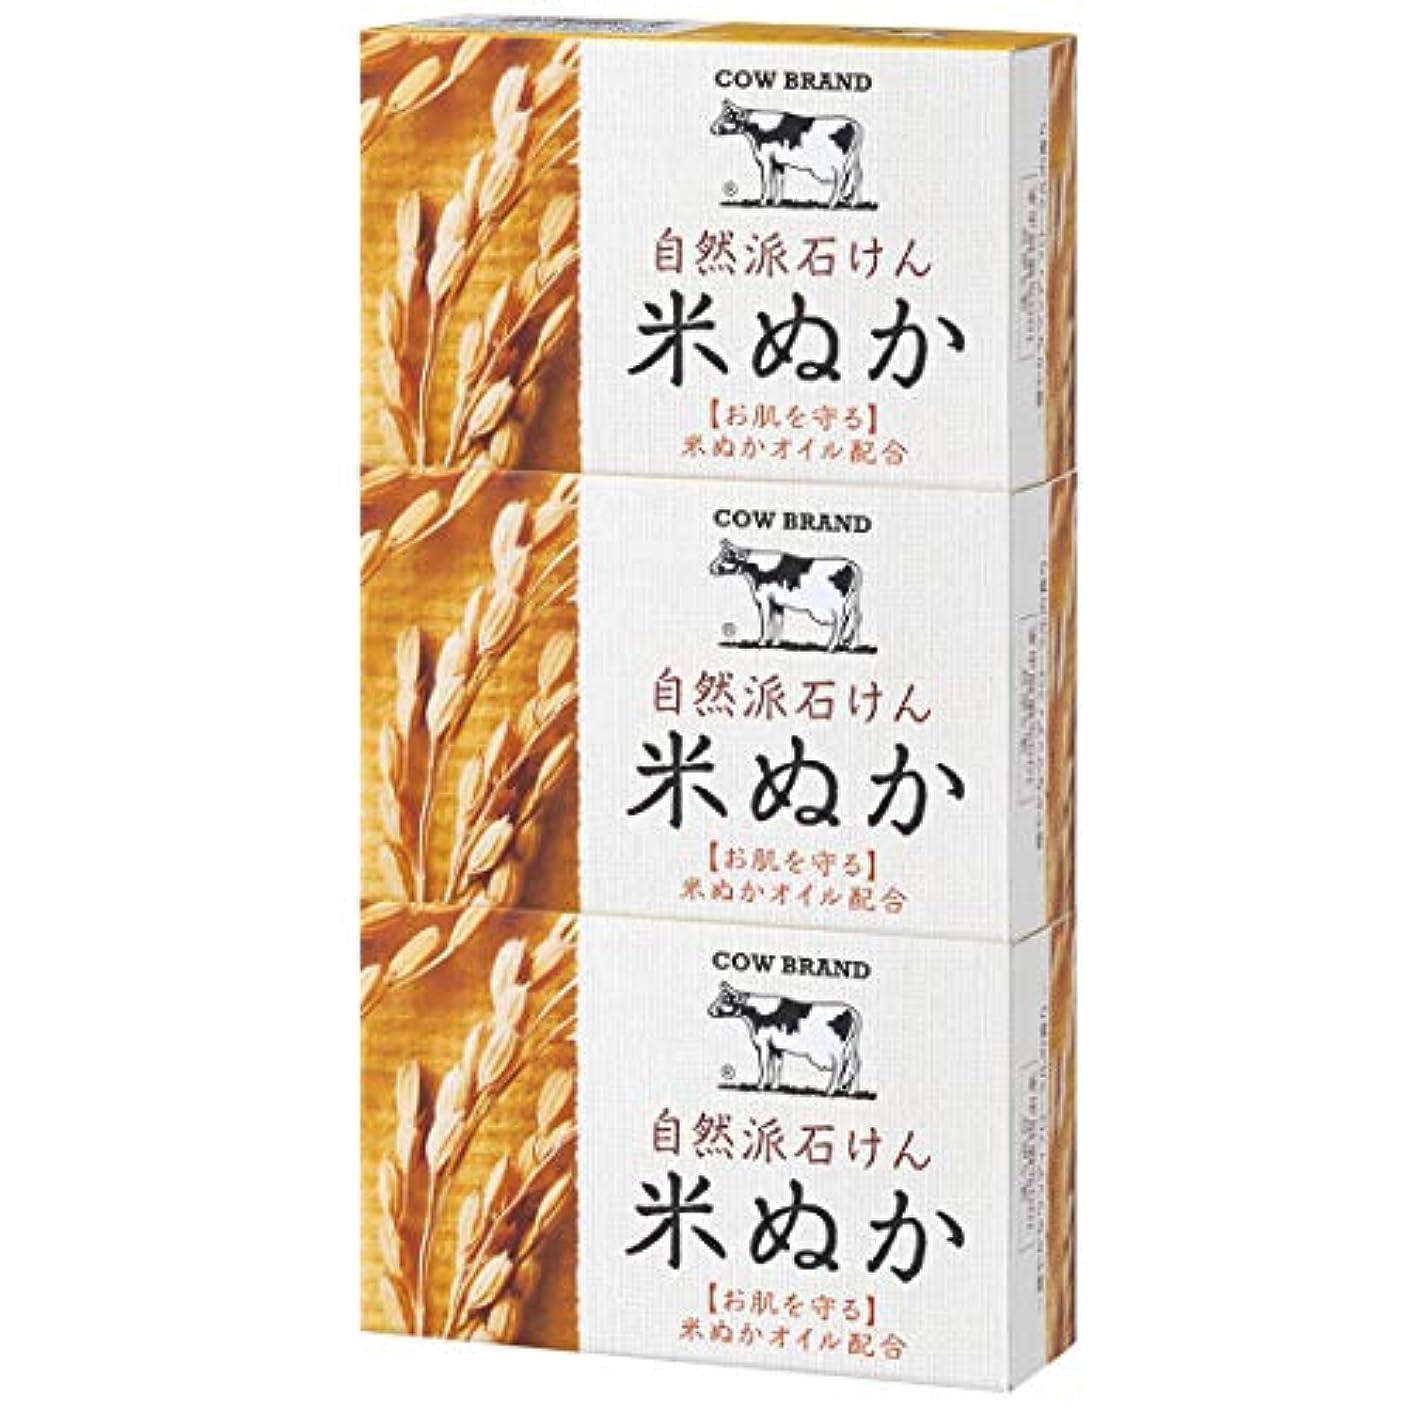 晩餐さまよう速度カウブランド 自然派石けん 米ぬか 100g*3個